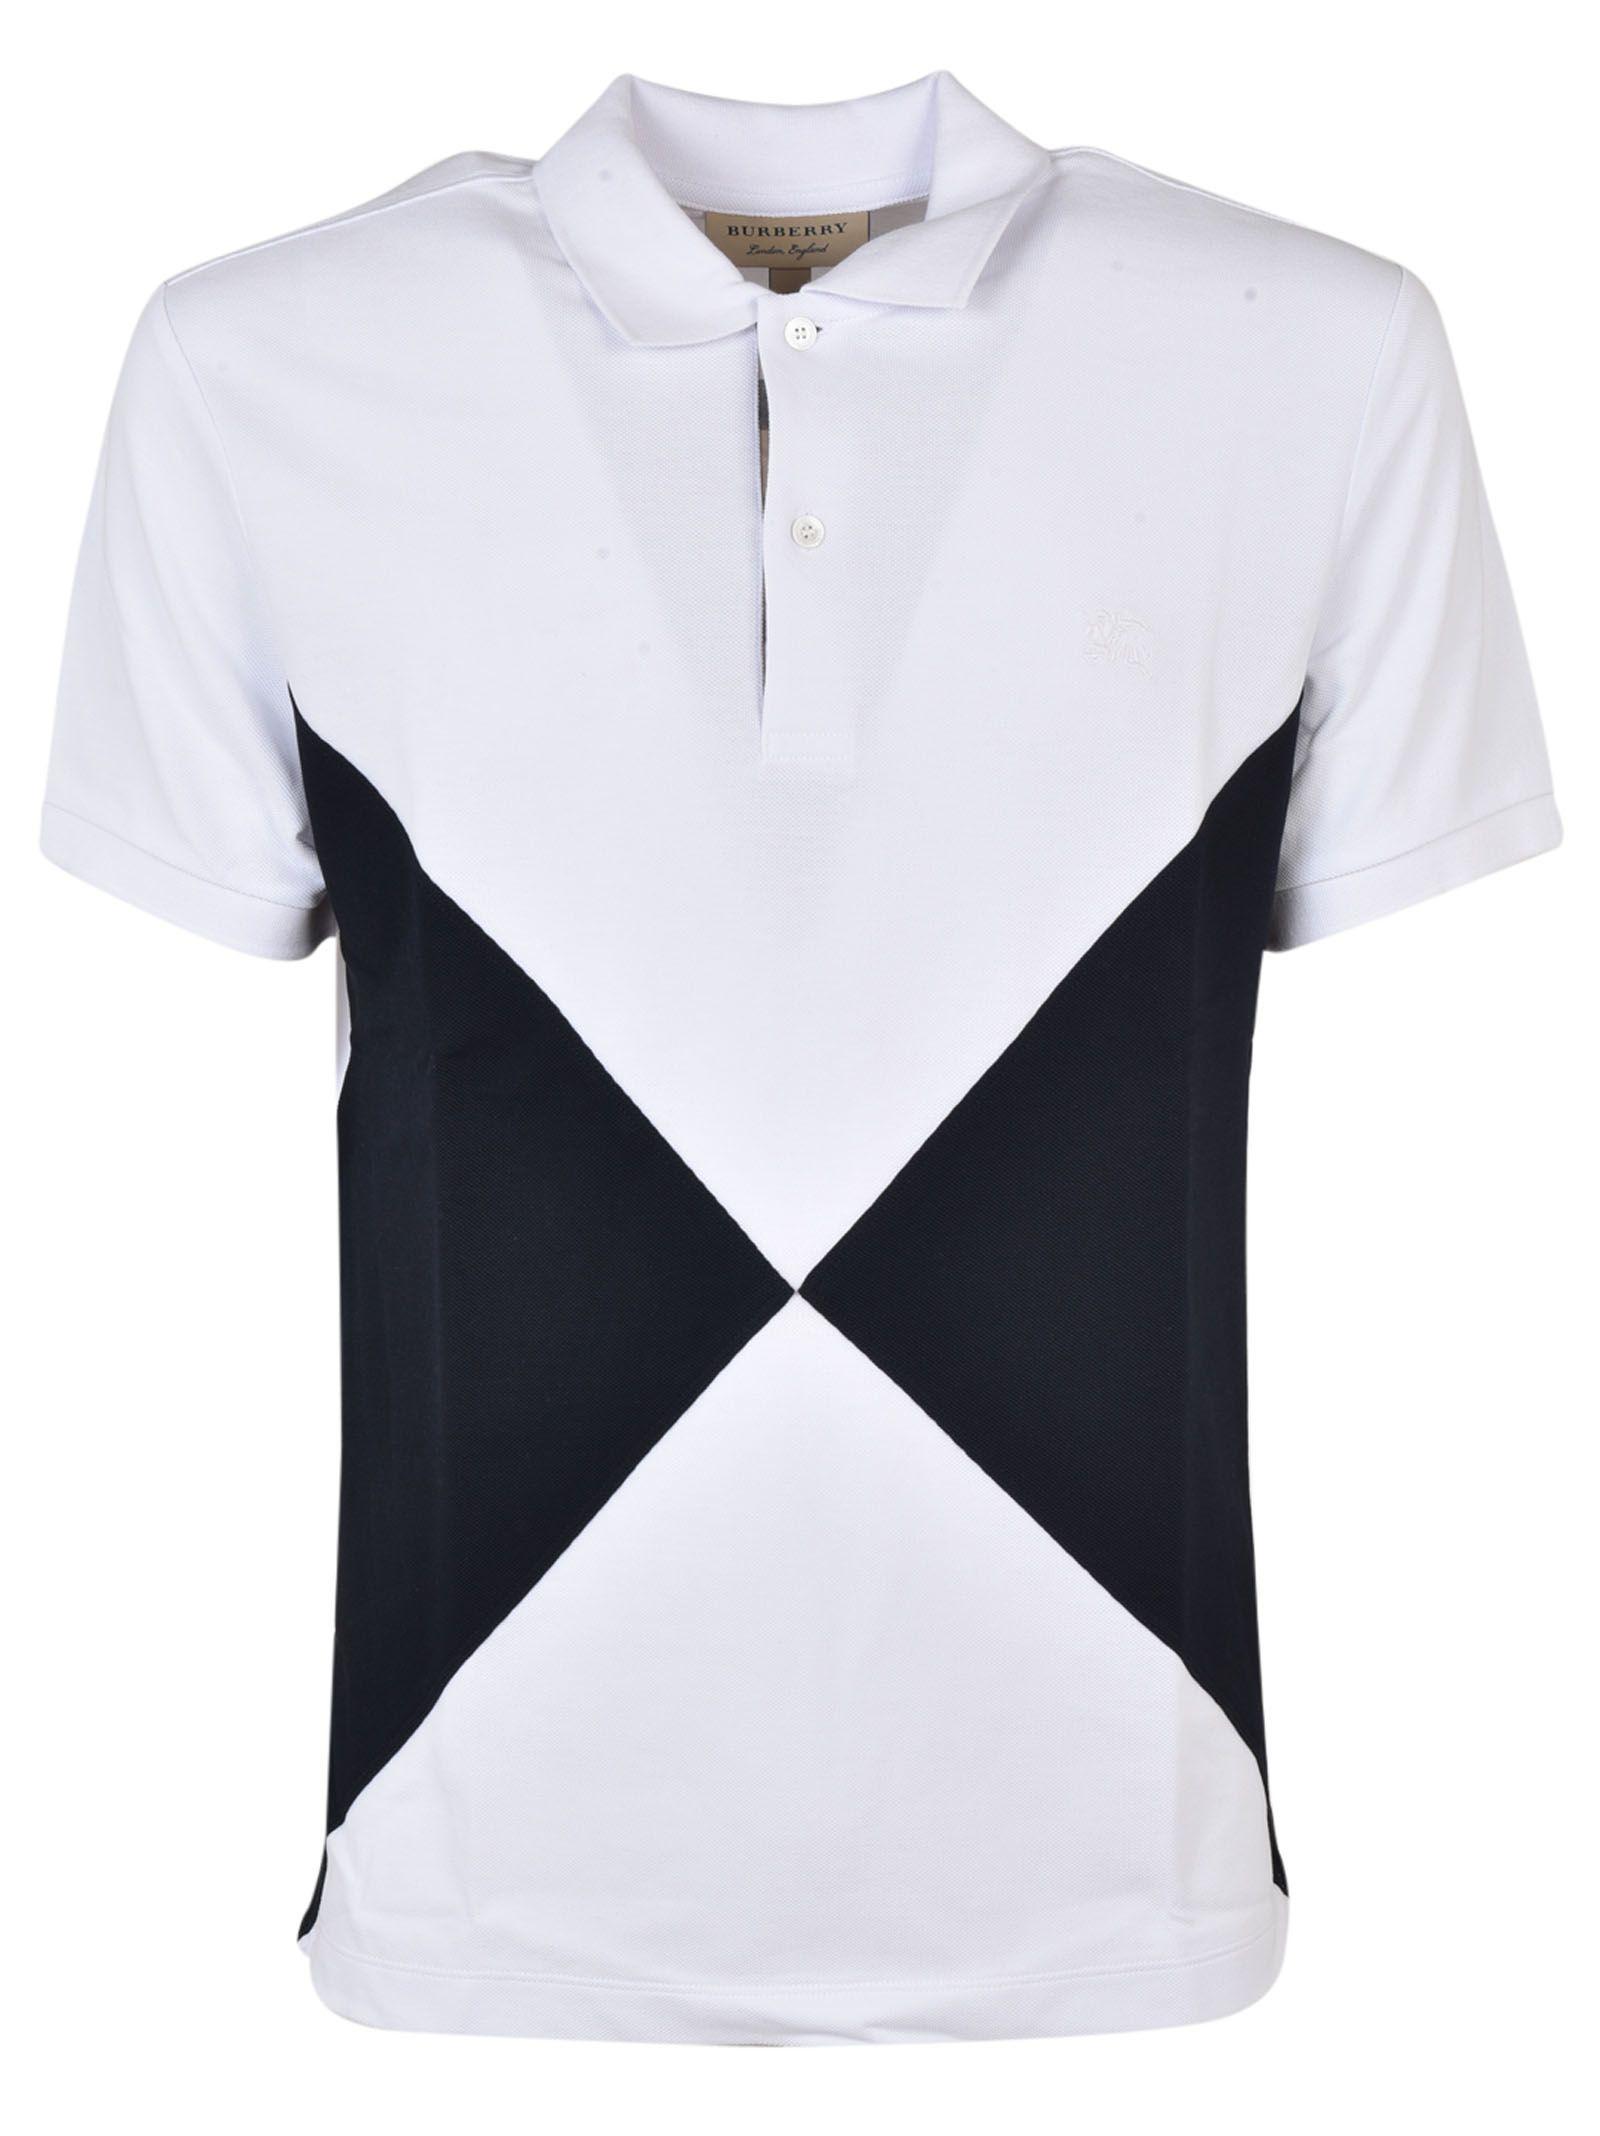 Burberry Diamond Panel Polo Shirt